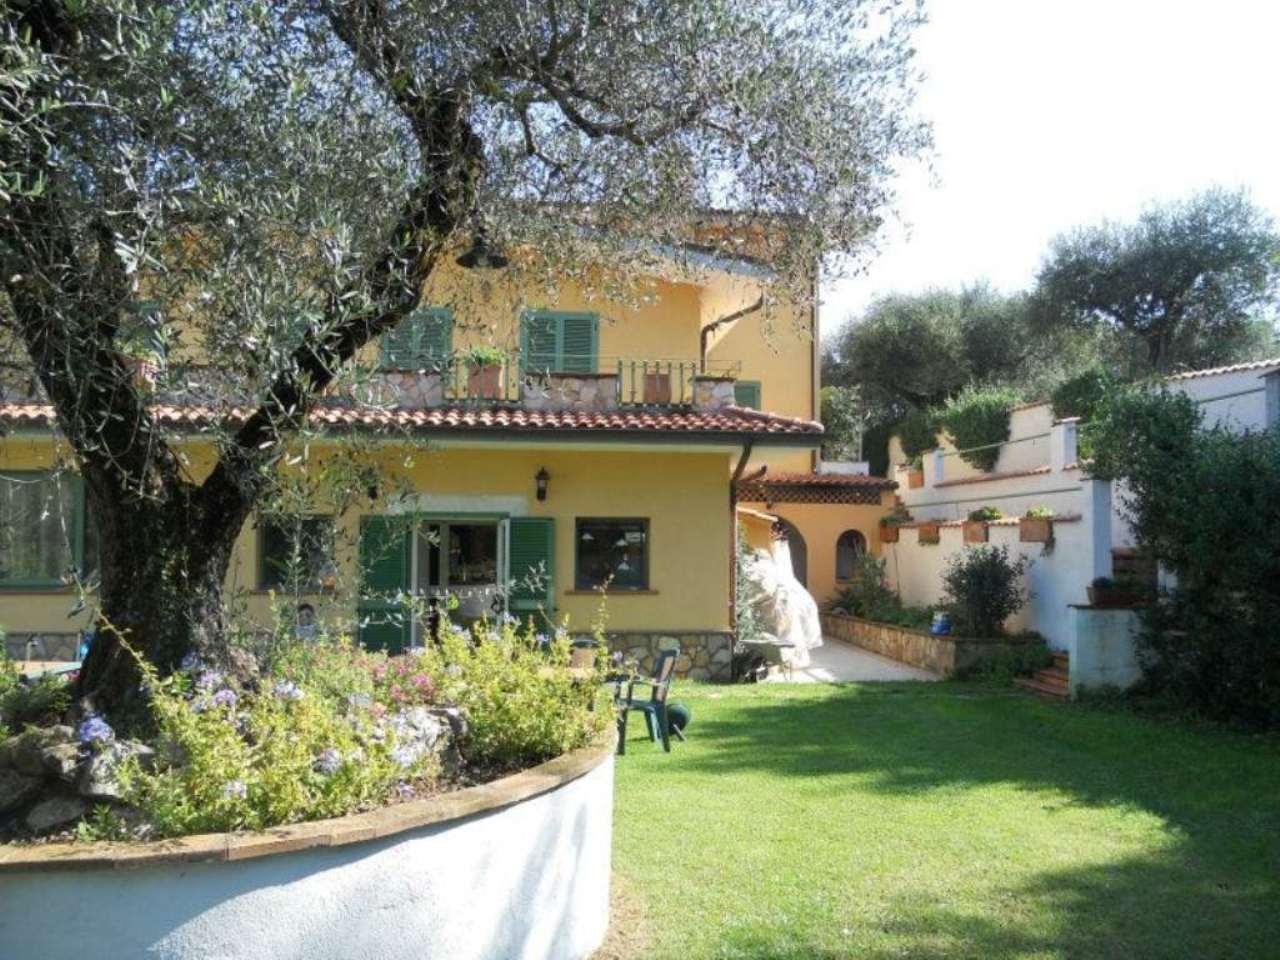 Villa in vendita a Palombara Sabina, 9999 locali, prezzo € 1.790.000 | CambioCasa.it